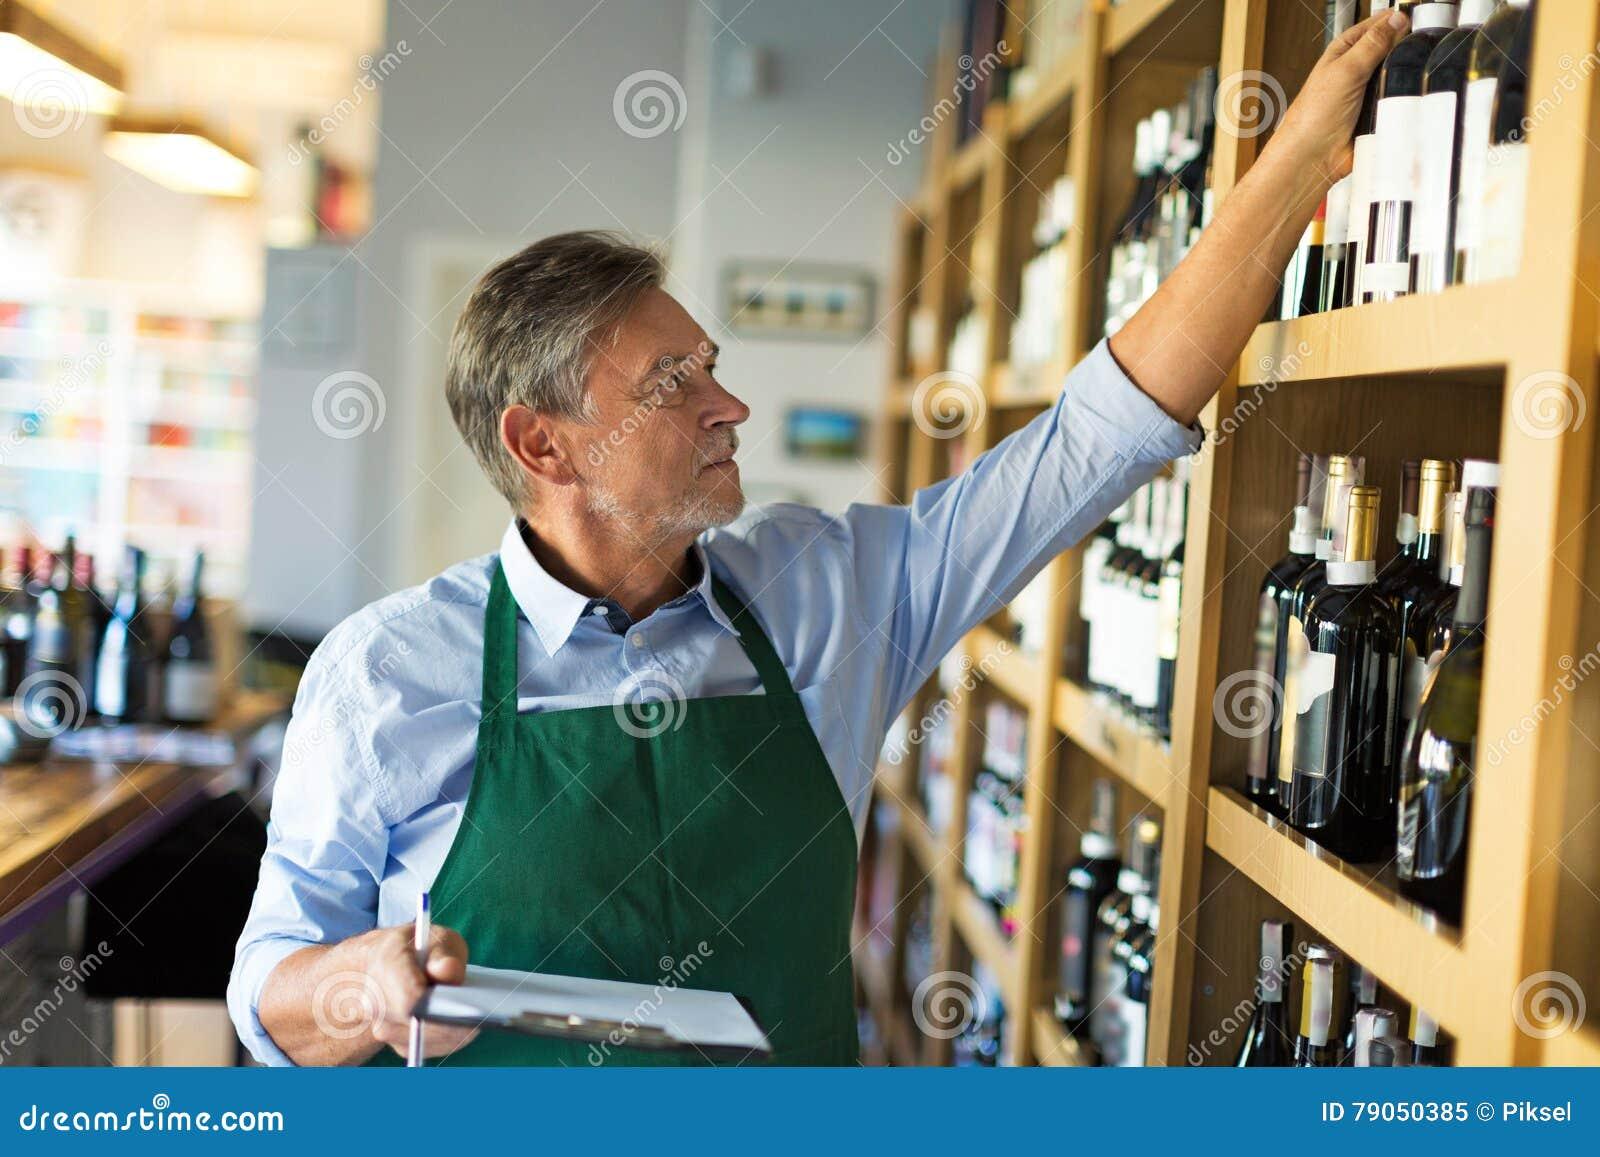 Ritratto del sommelier che prende inventario nel deposito di vino